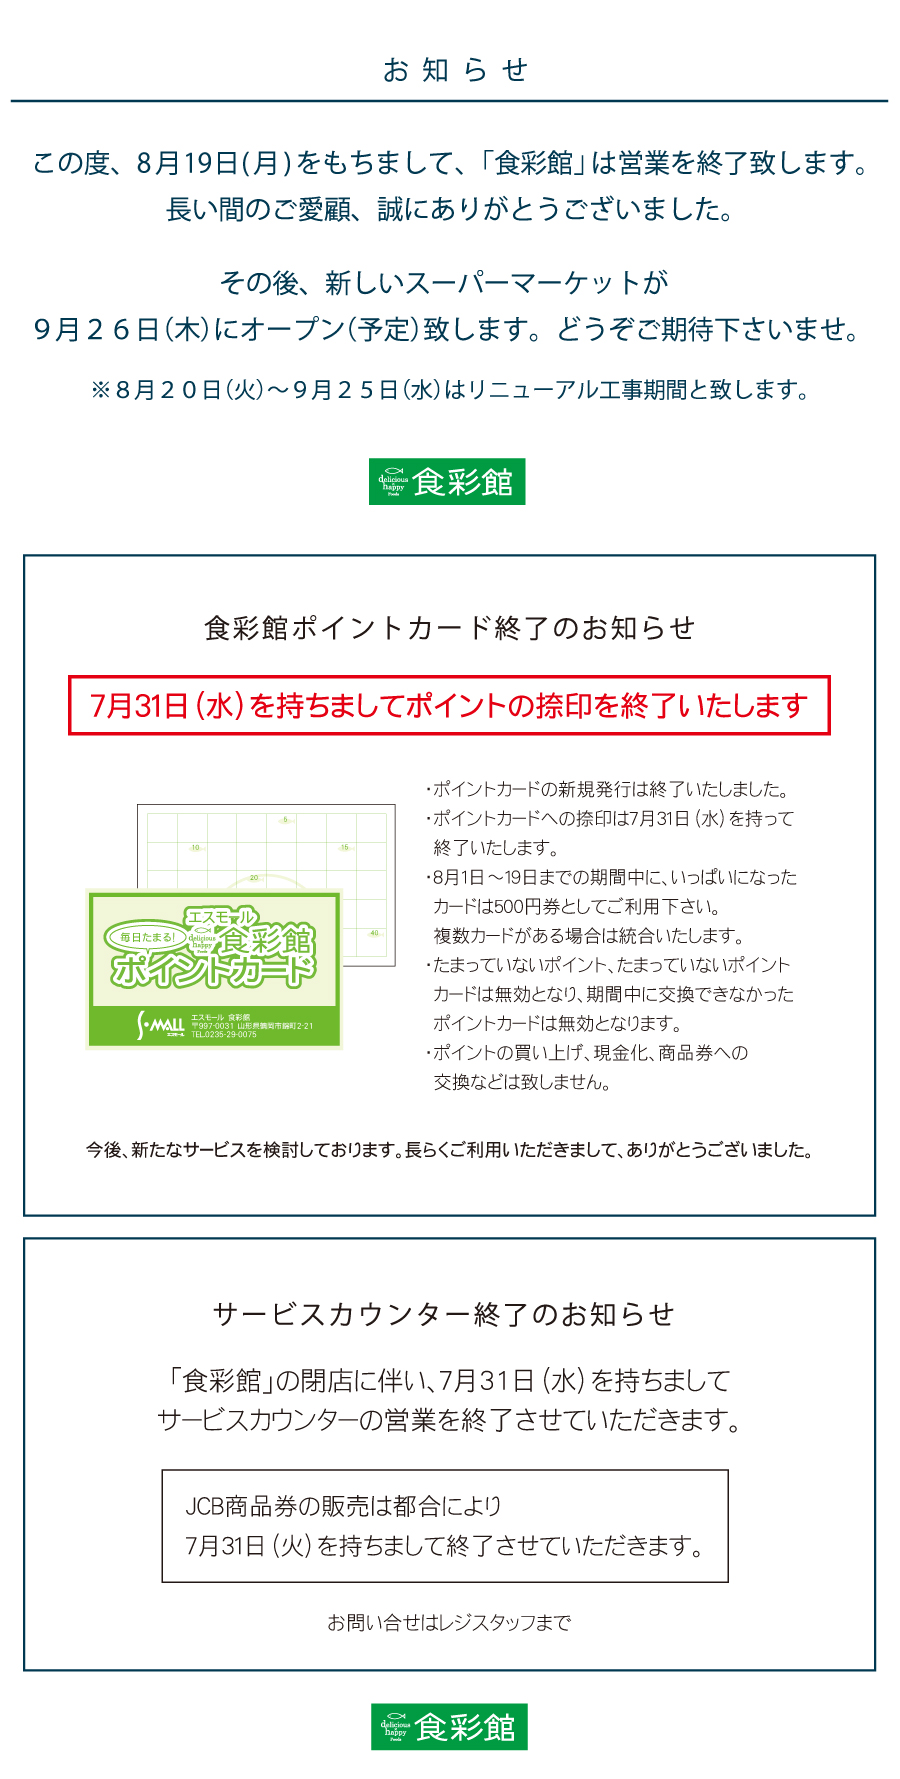 お知らせ 8月19日(月)をもちまして、「食彩館」は営業を終了致します。